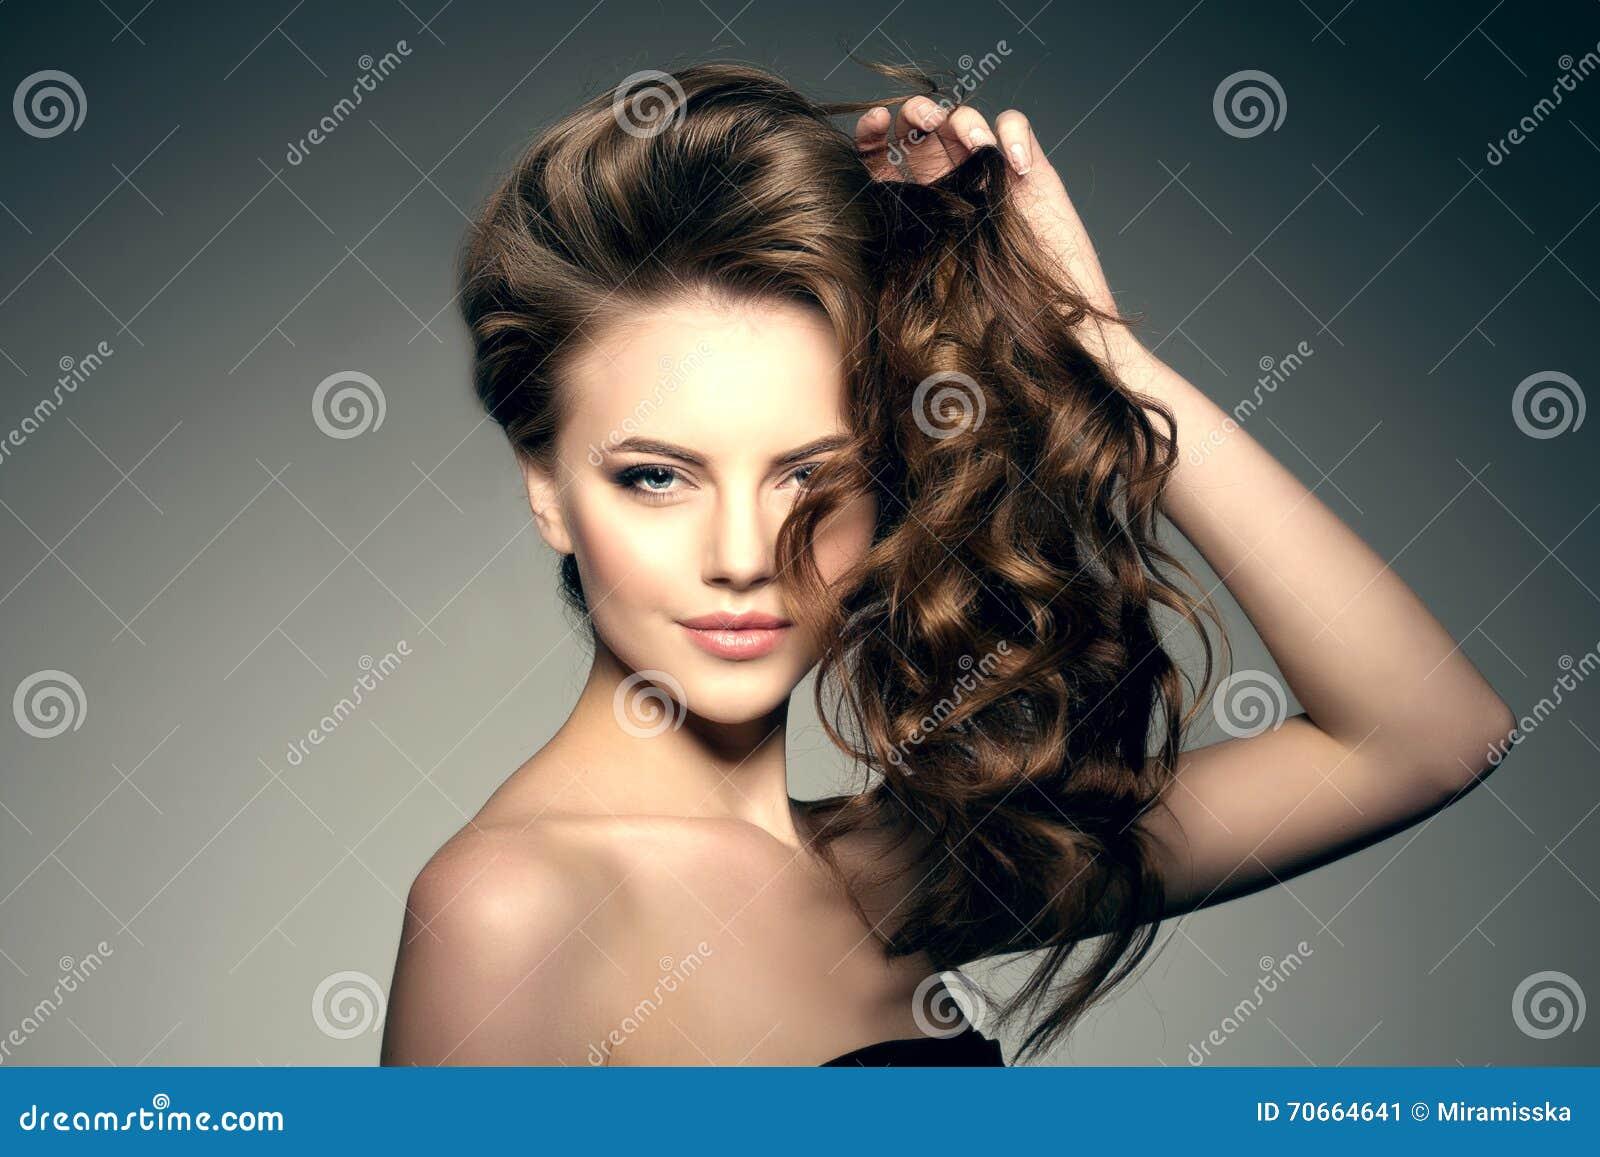 Peinados y cortes de pelo largo